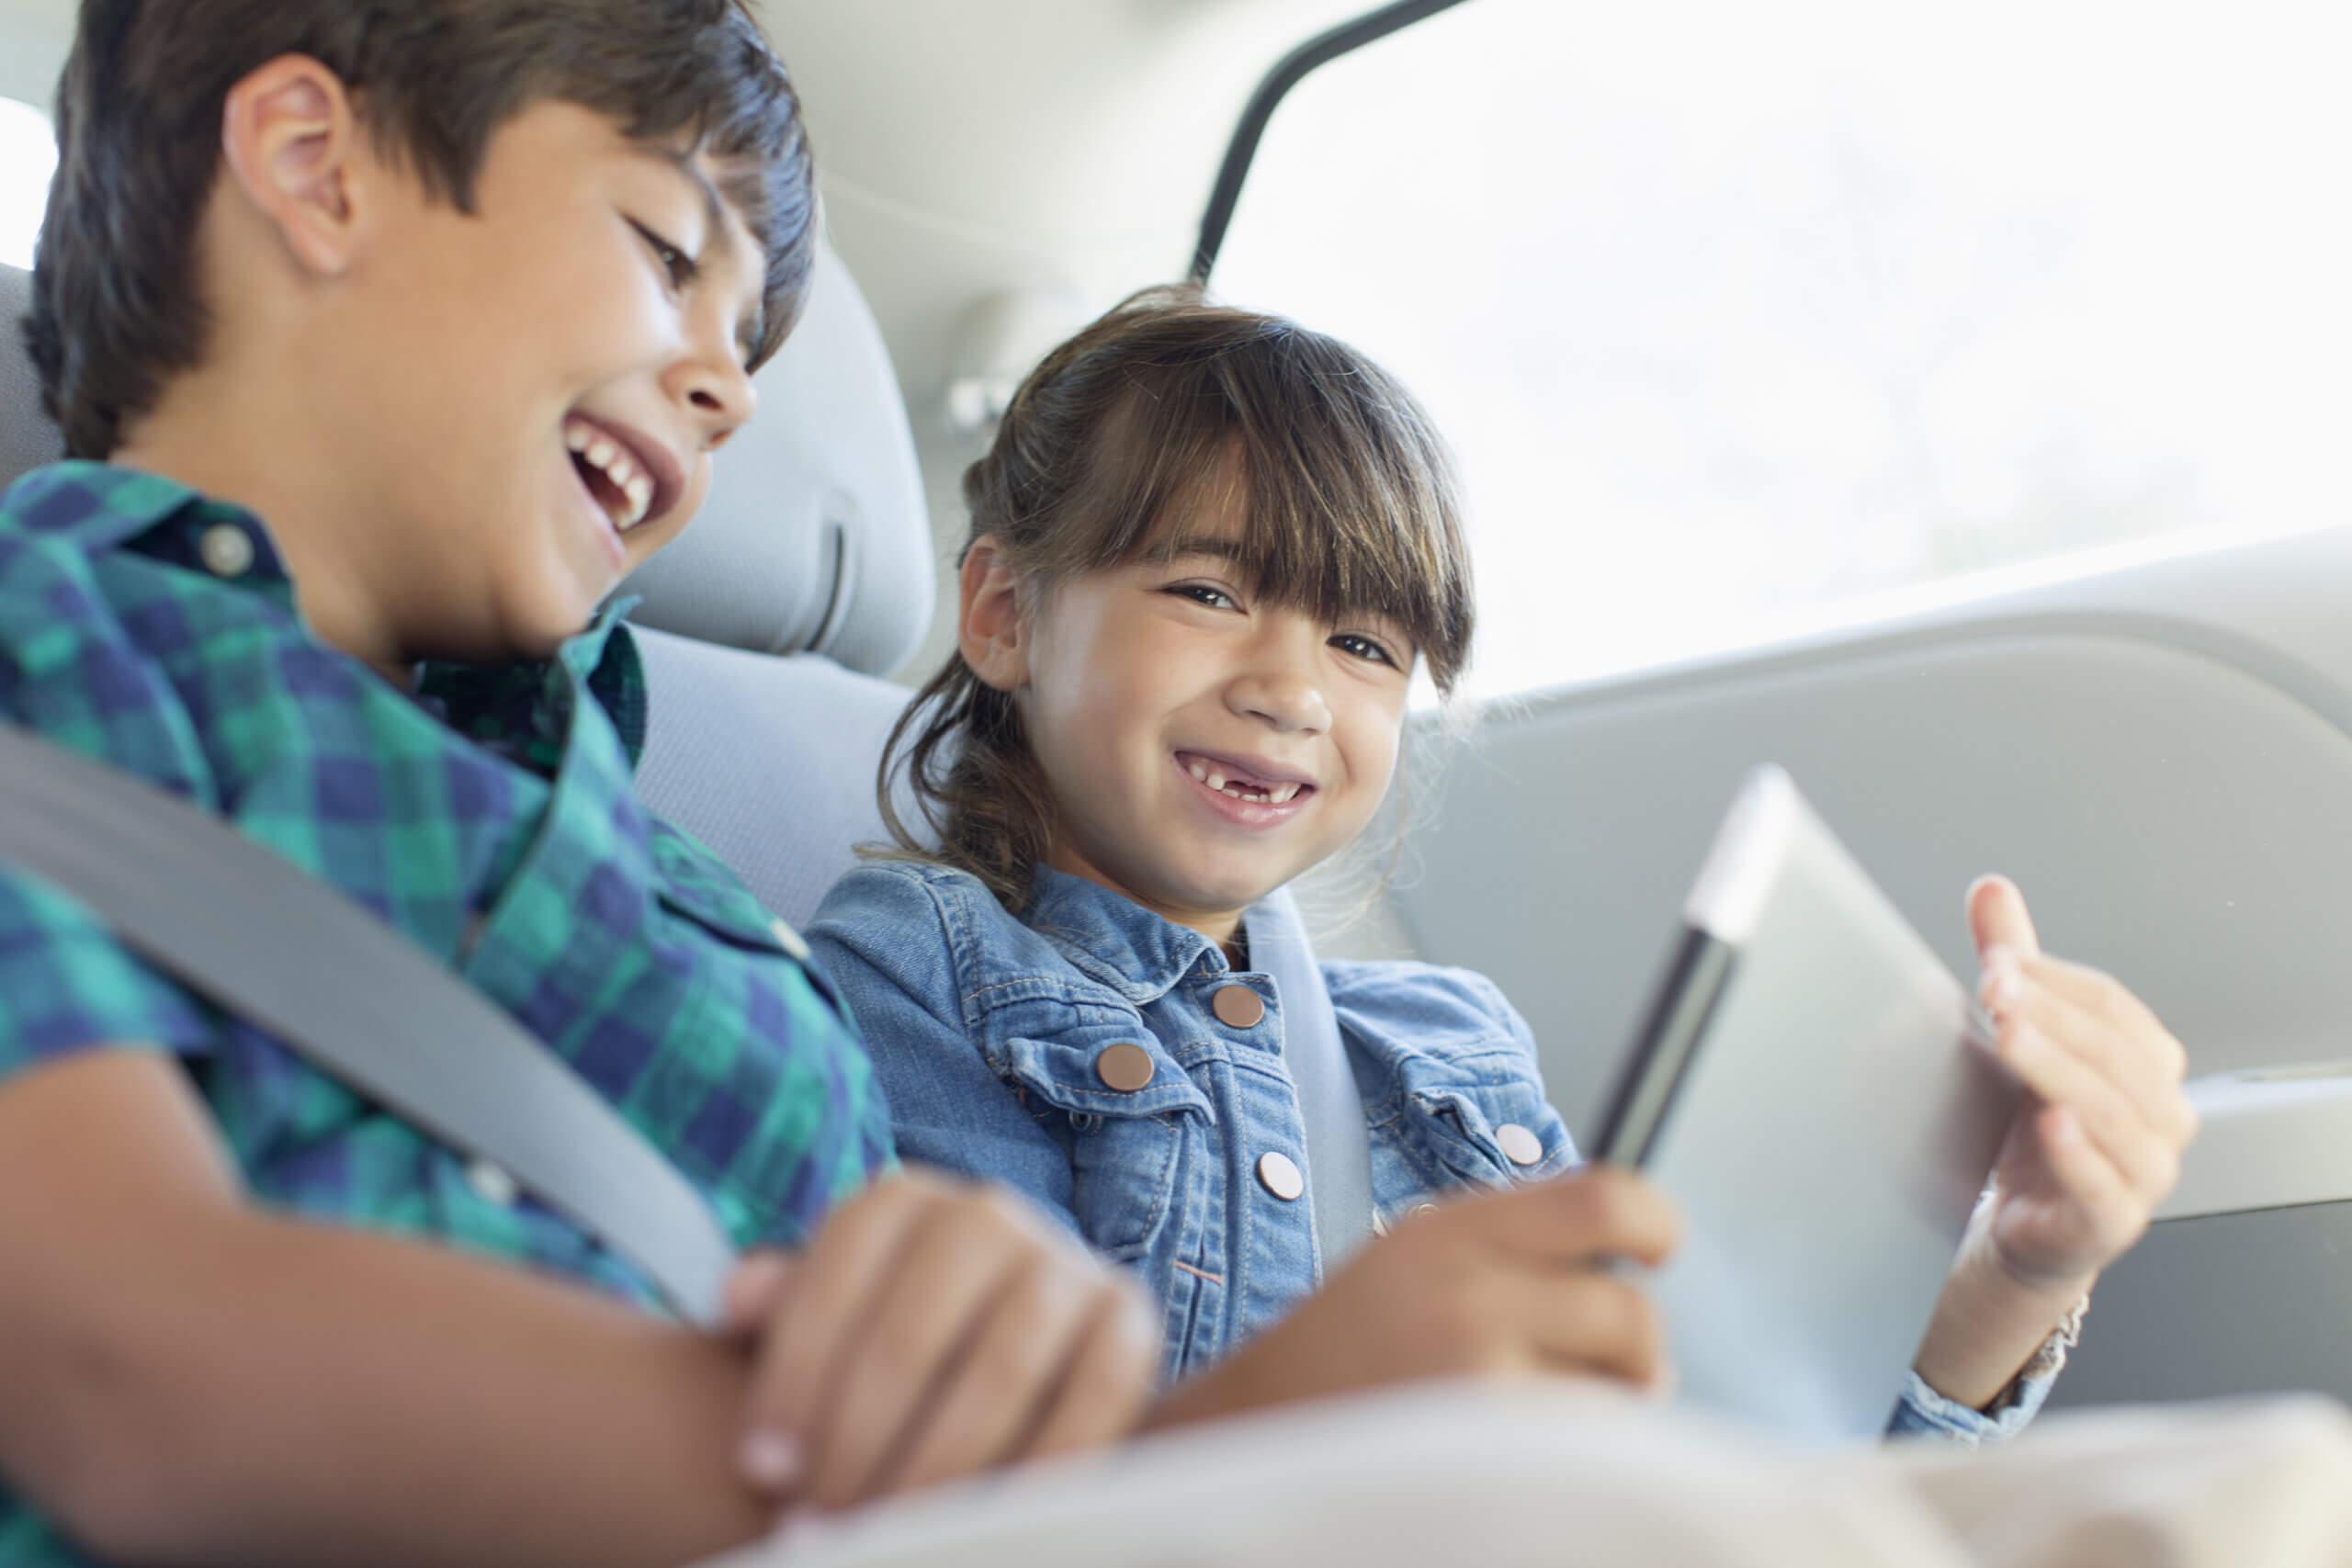 Imagem de duas crianças em um dos tipos de carros feito para famílias com filhos